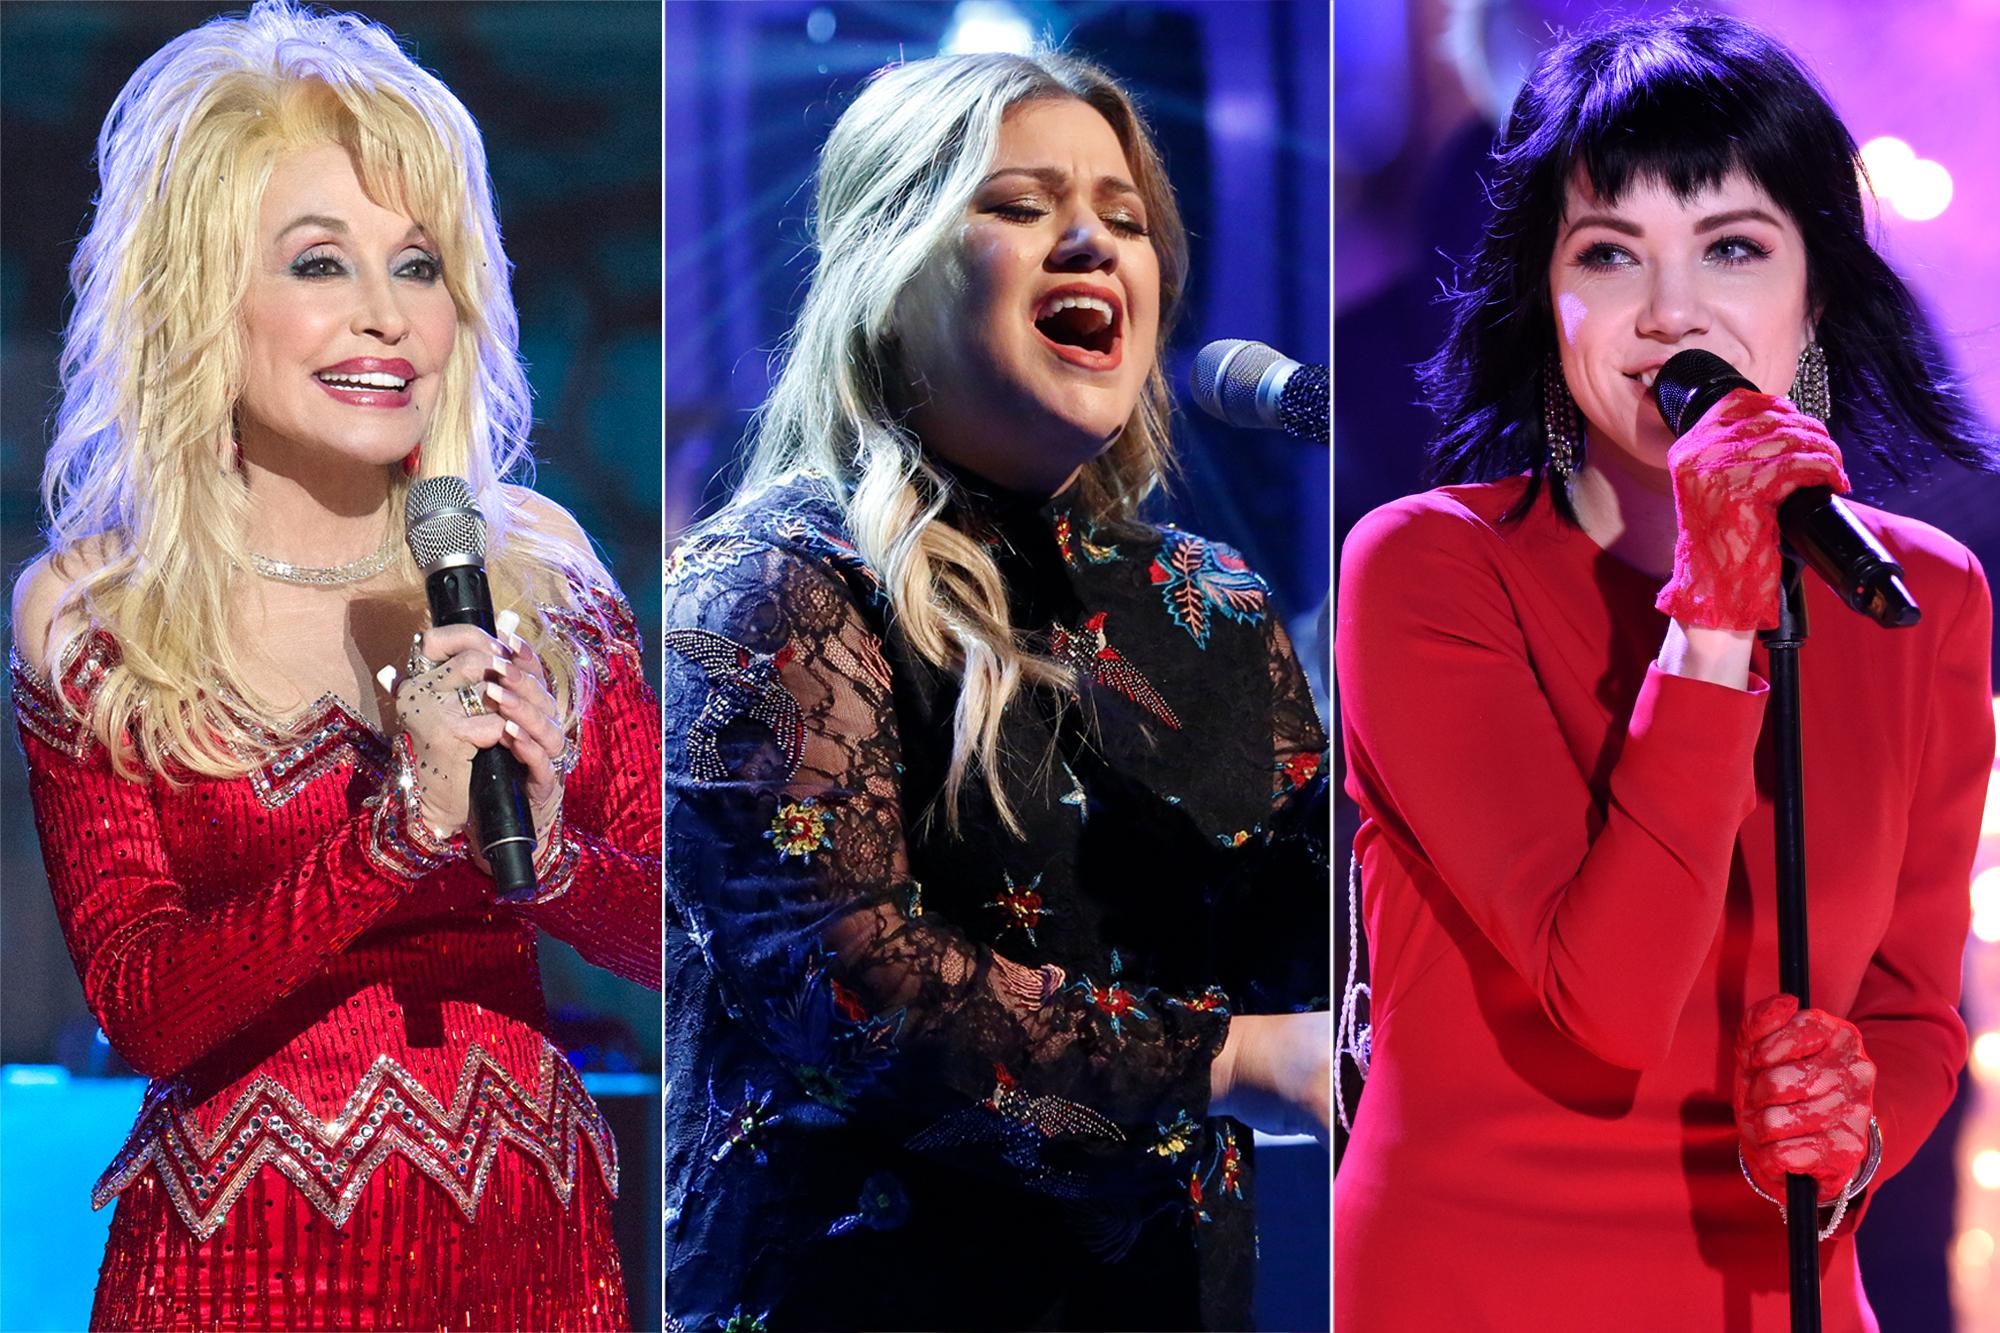 Dolly Parton, Kelly Clarkson, Carly Rae Jepsen